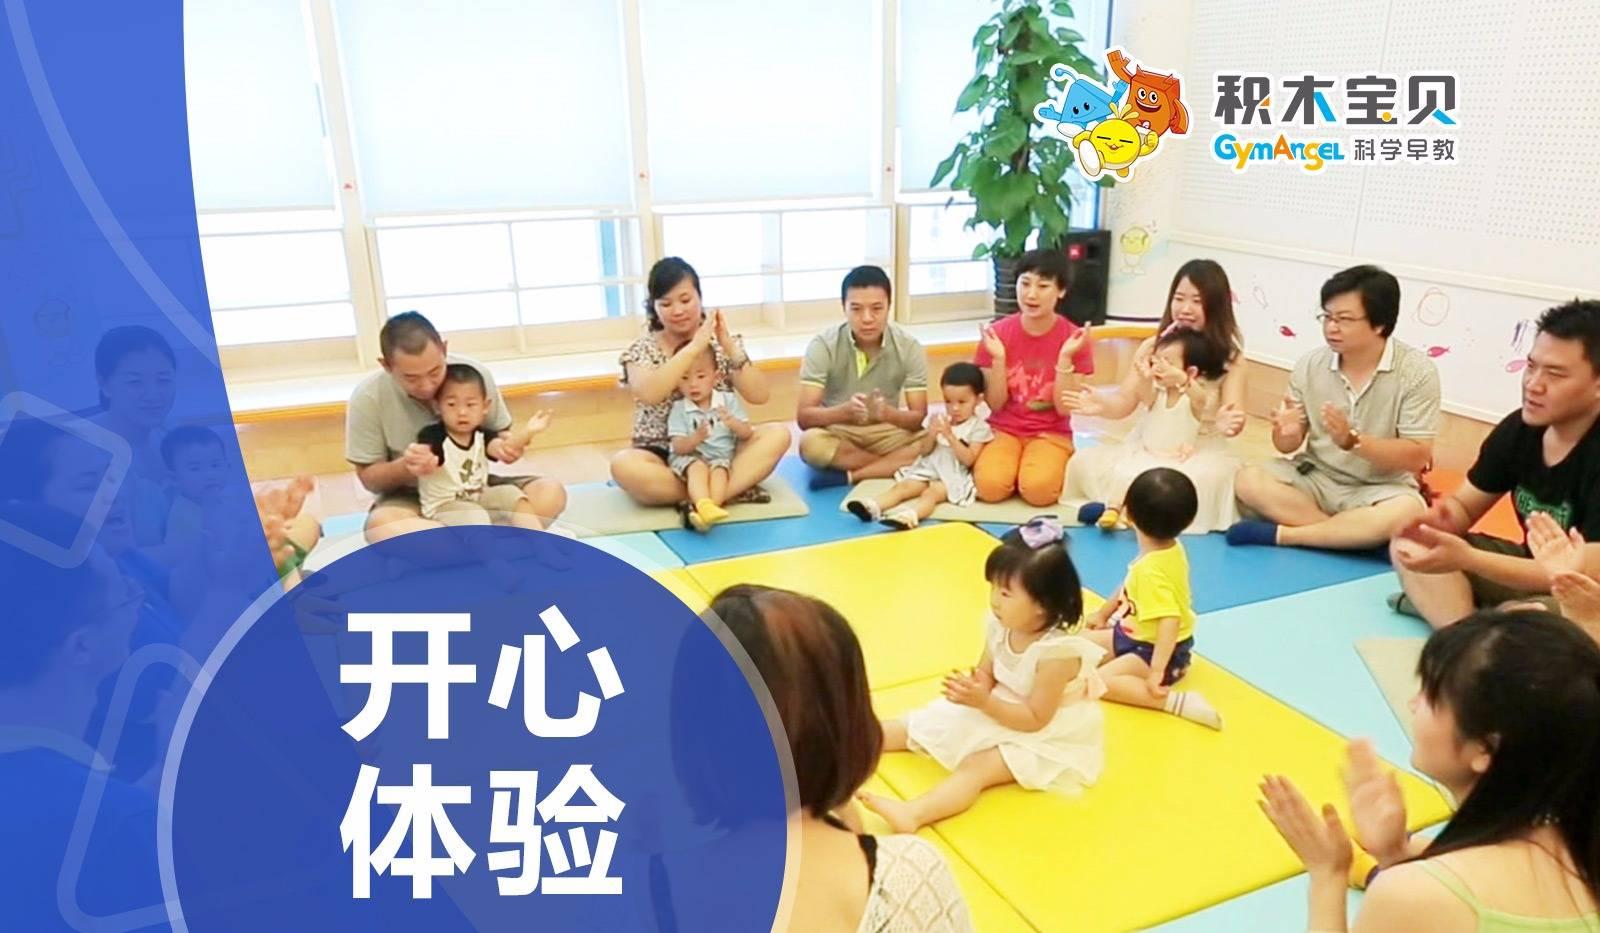 青岛市北区凯德广场积木宝贝亲子早教免费试听课1节,30个名额,先抢先得!